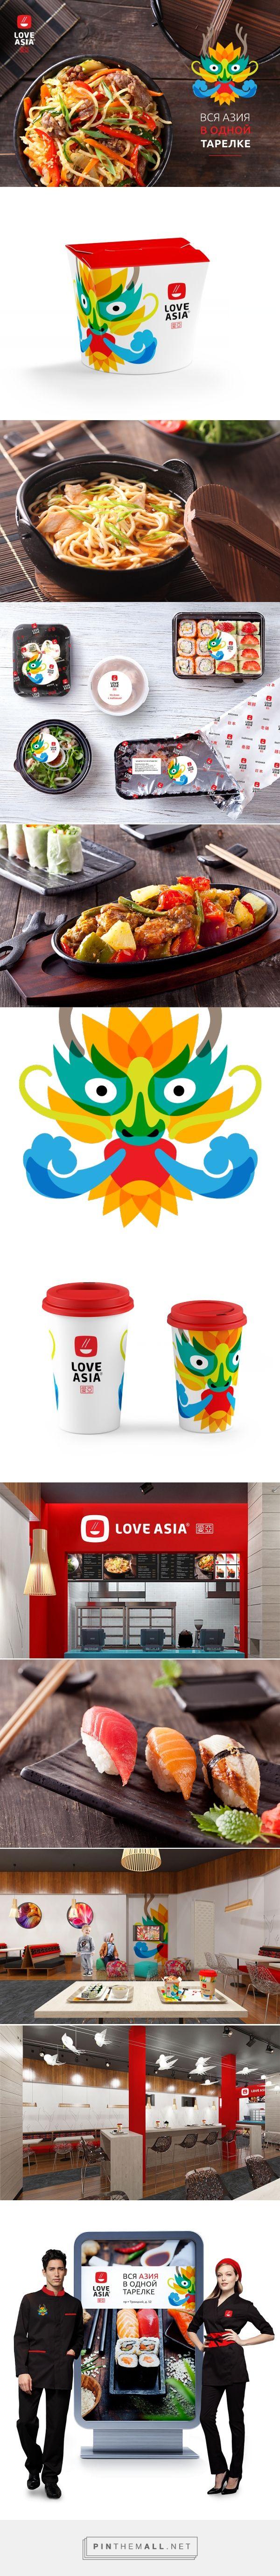 Love Asia packaging branding via BRANDEXPERT Freedom Island curated by Packaging…